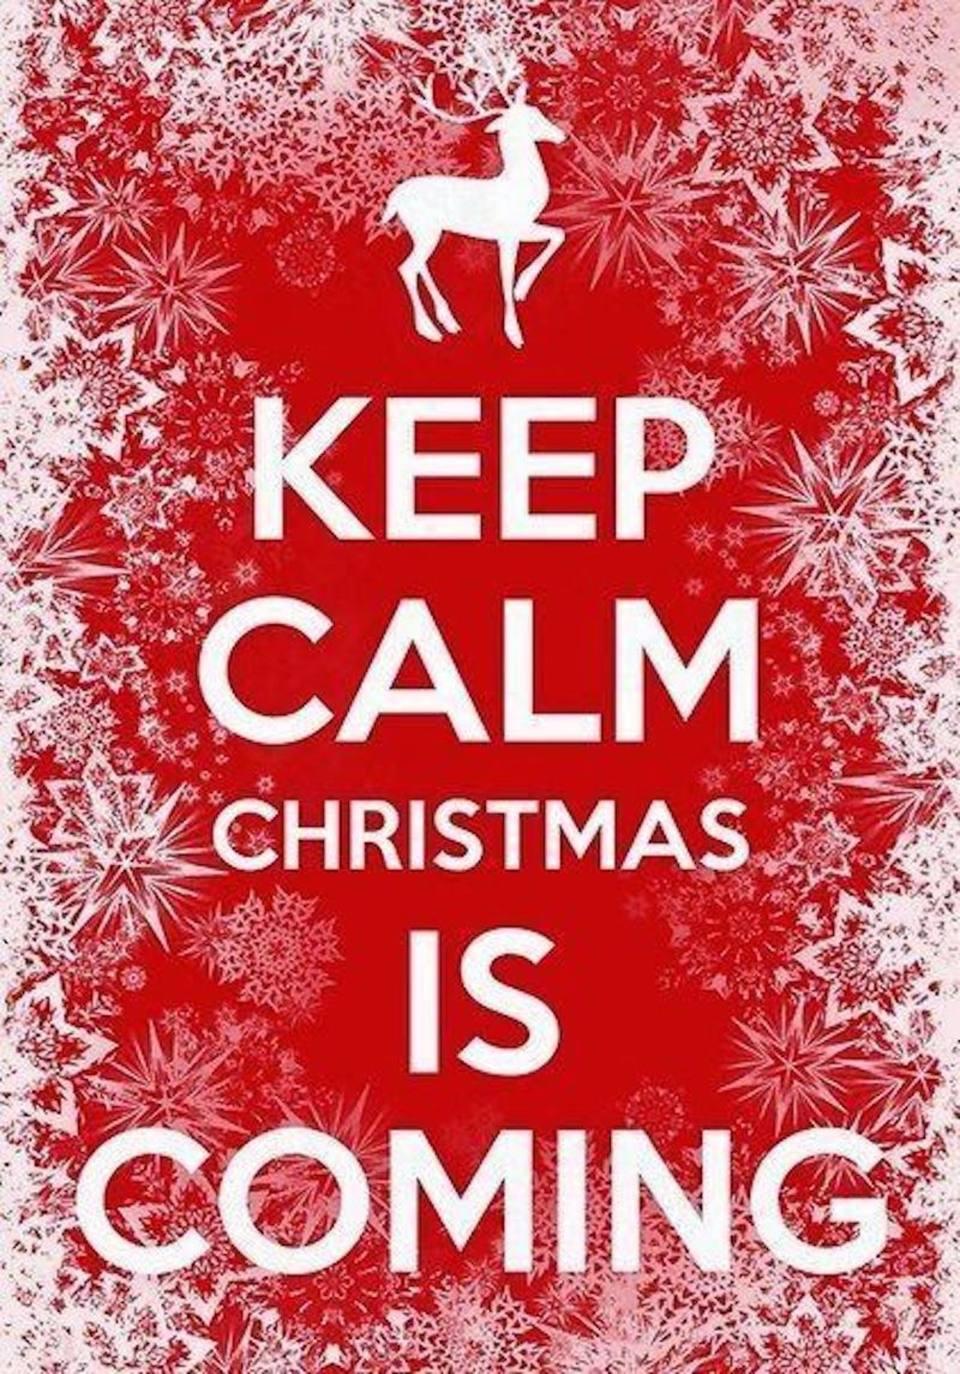 Messaggio Di Buon Natale Simpatico.Whatsapp Auguri Di Natale 2018 Frasi E Immagini Divertenti